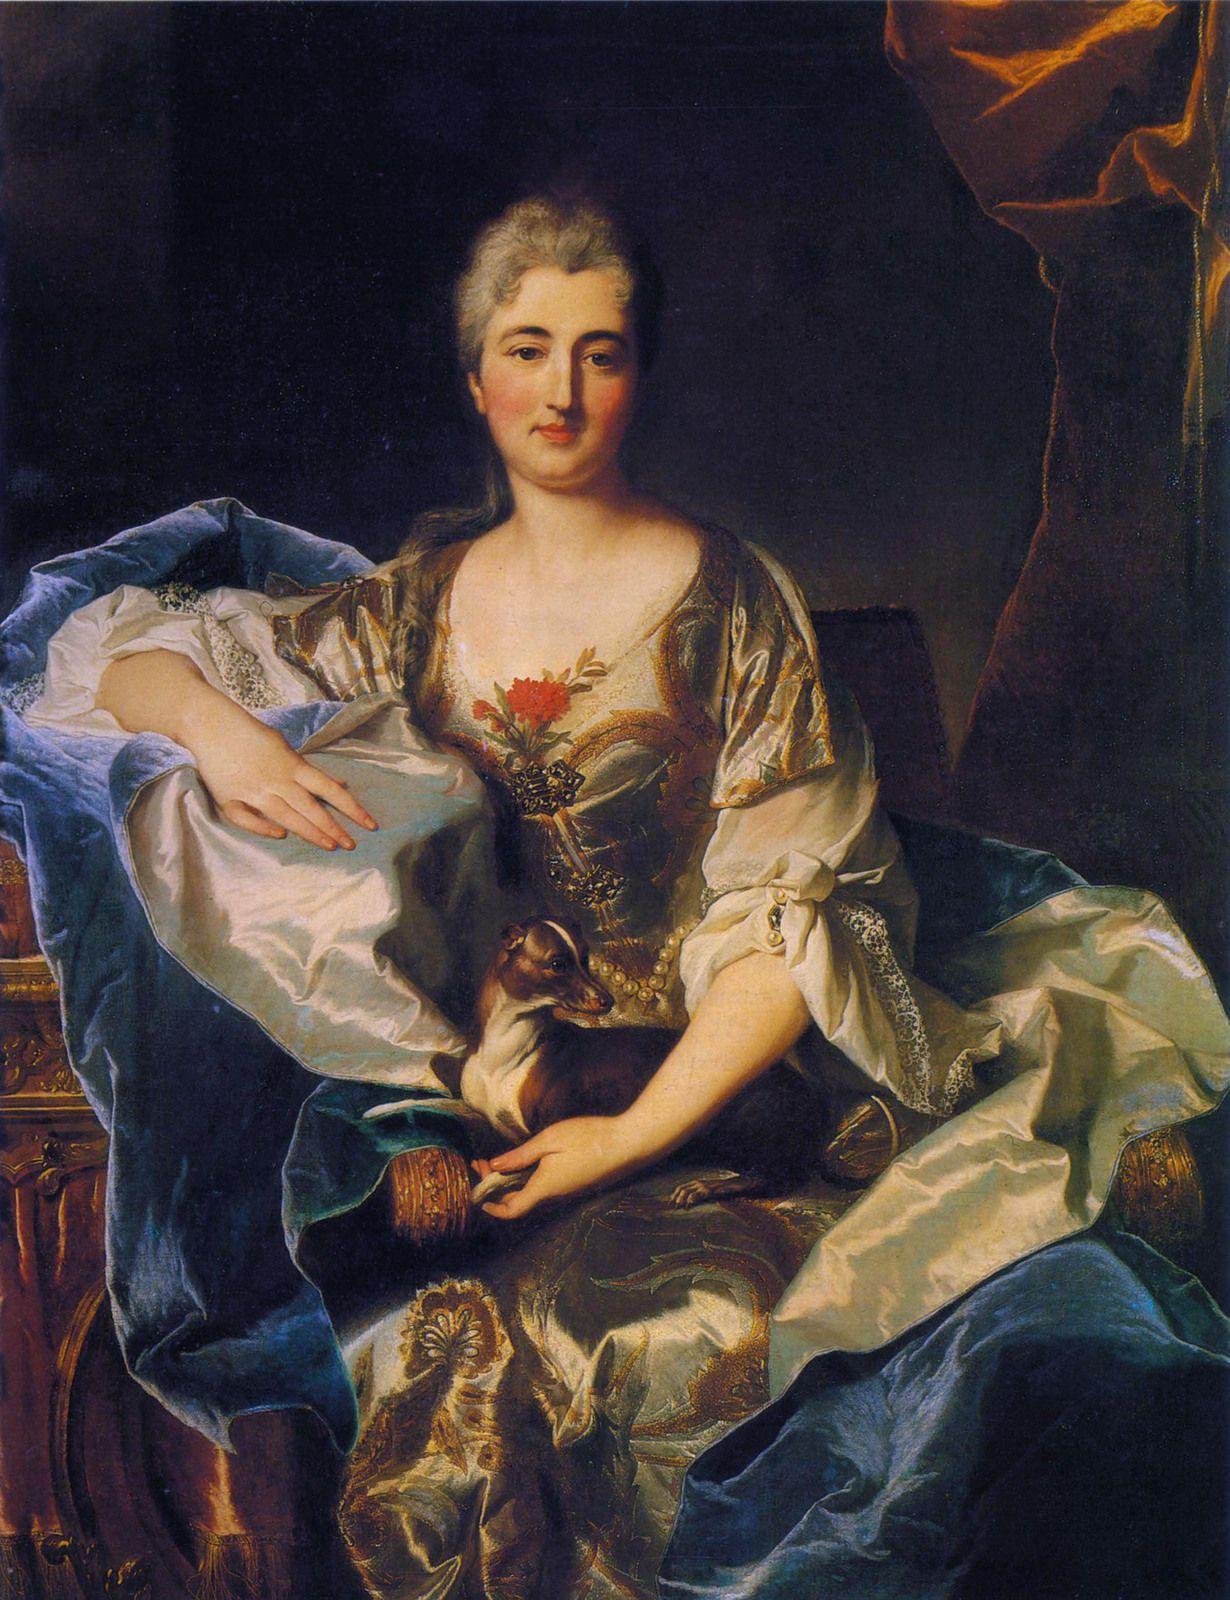 Hyacinthe Rigaud, portrait de femme, 1701. Collection particulière © photo Sotheby's